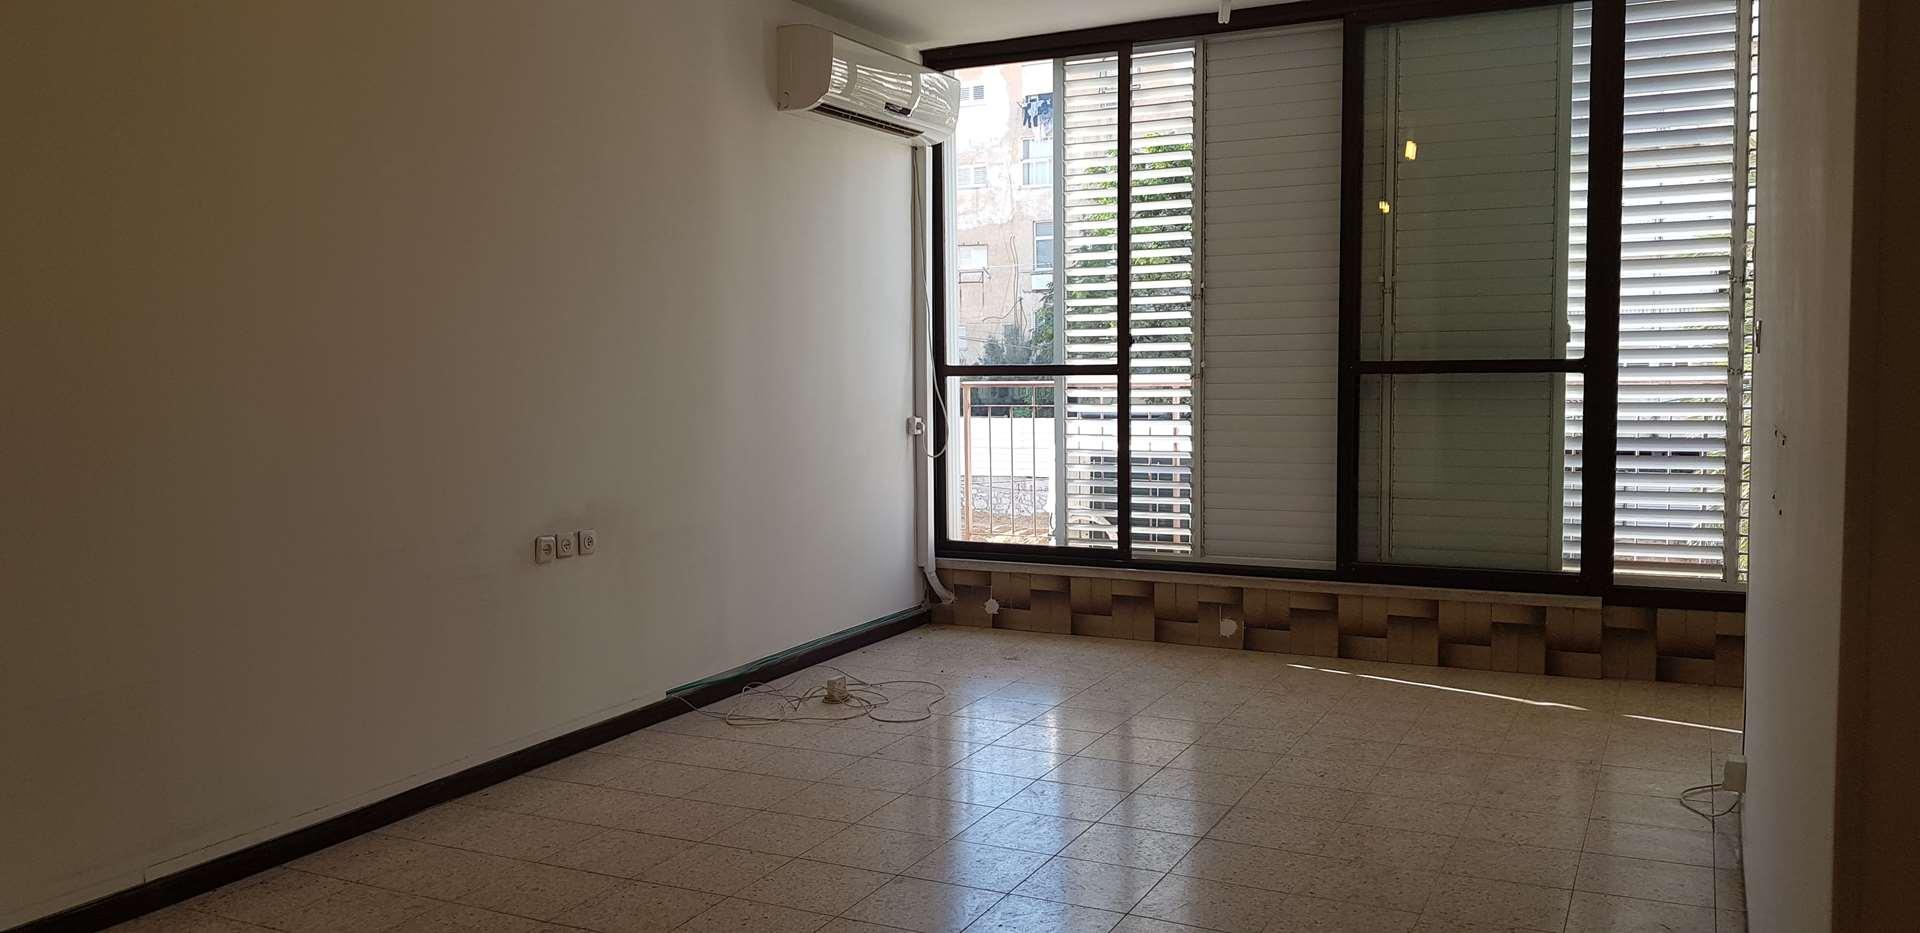 דירה להשכרה 3 חדרים בגבעתיים רחל